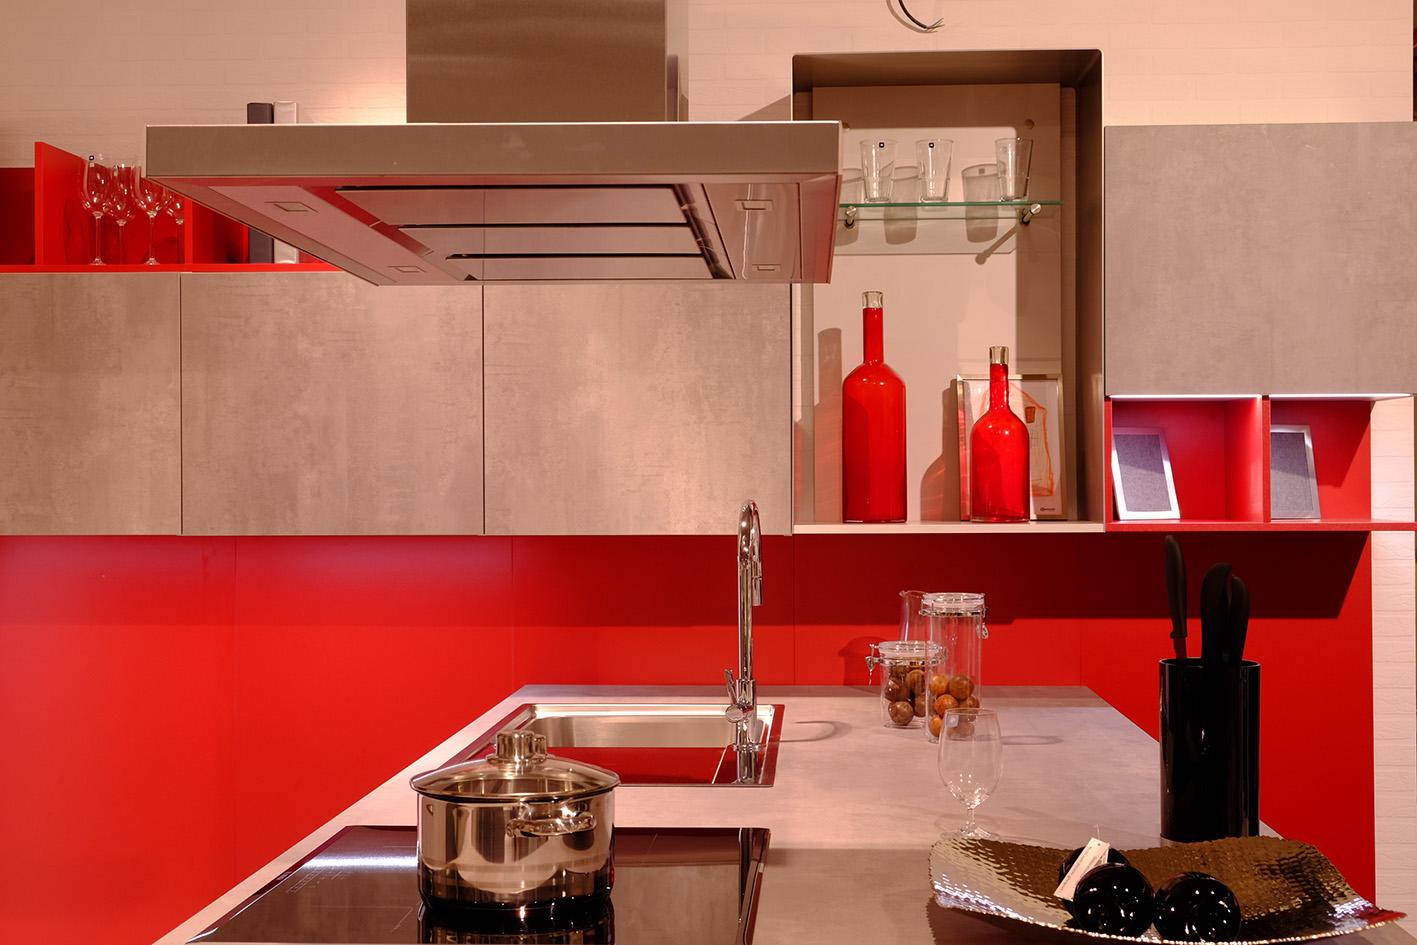 culineo c205 m belarena. Black Bedroom Furniture Sets. Home Design Ideas